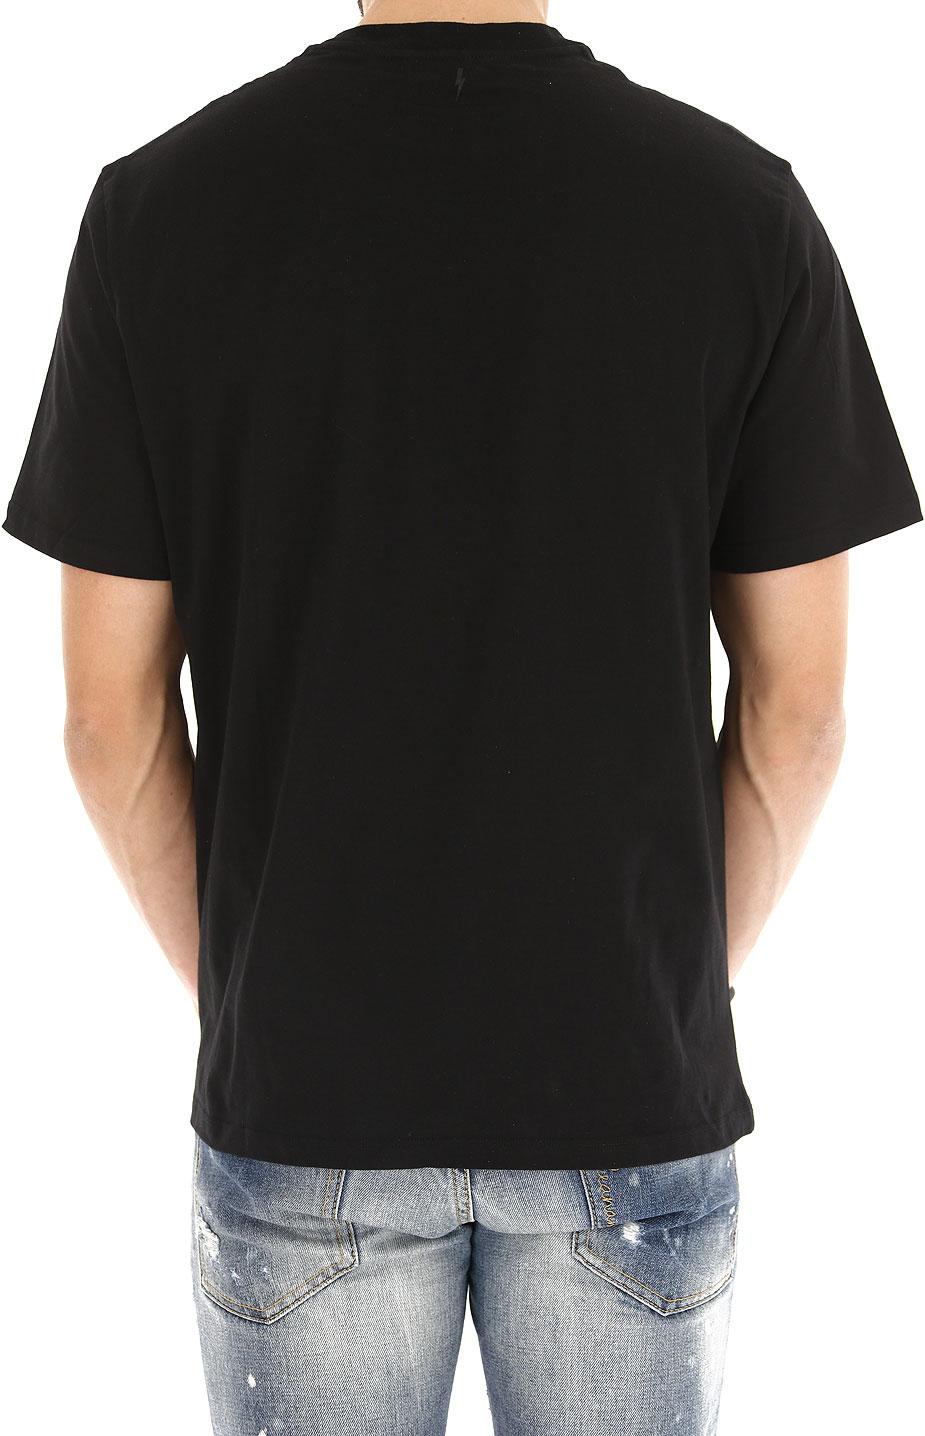 Neil 1133 Barrett Abbigliamento Uomo Abbigliamento Codice Uomo Articolo bjt362d g556s awS7t7q